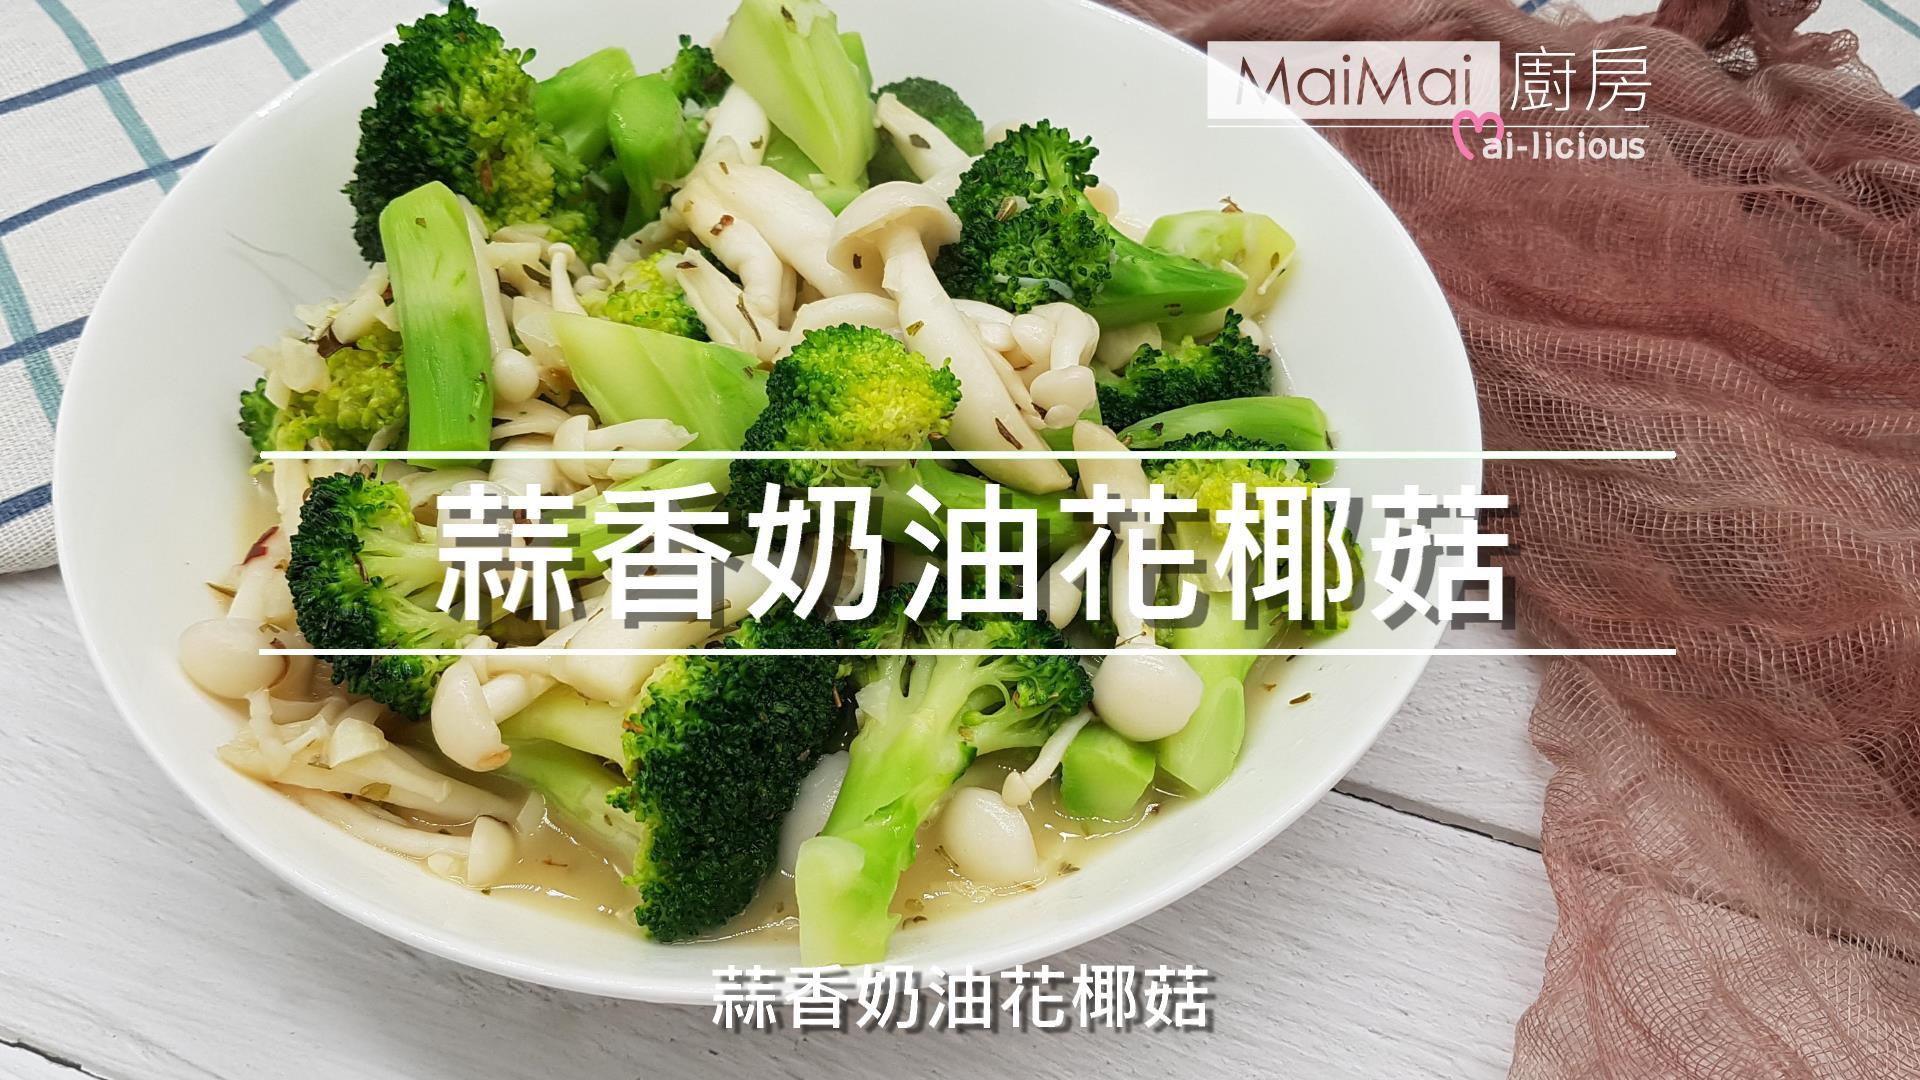 蒜香奶油花椰菇【MaiMai廚房】